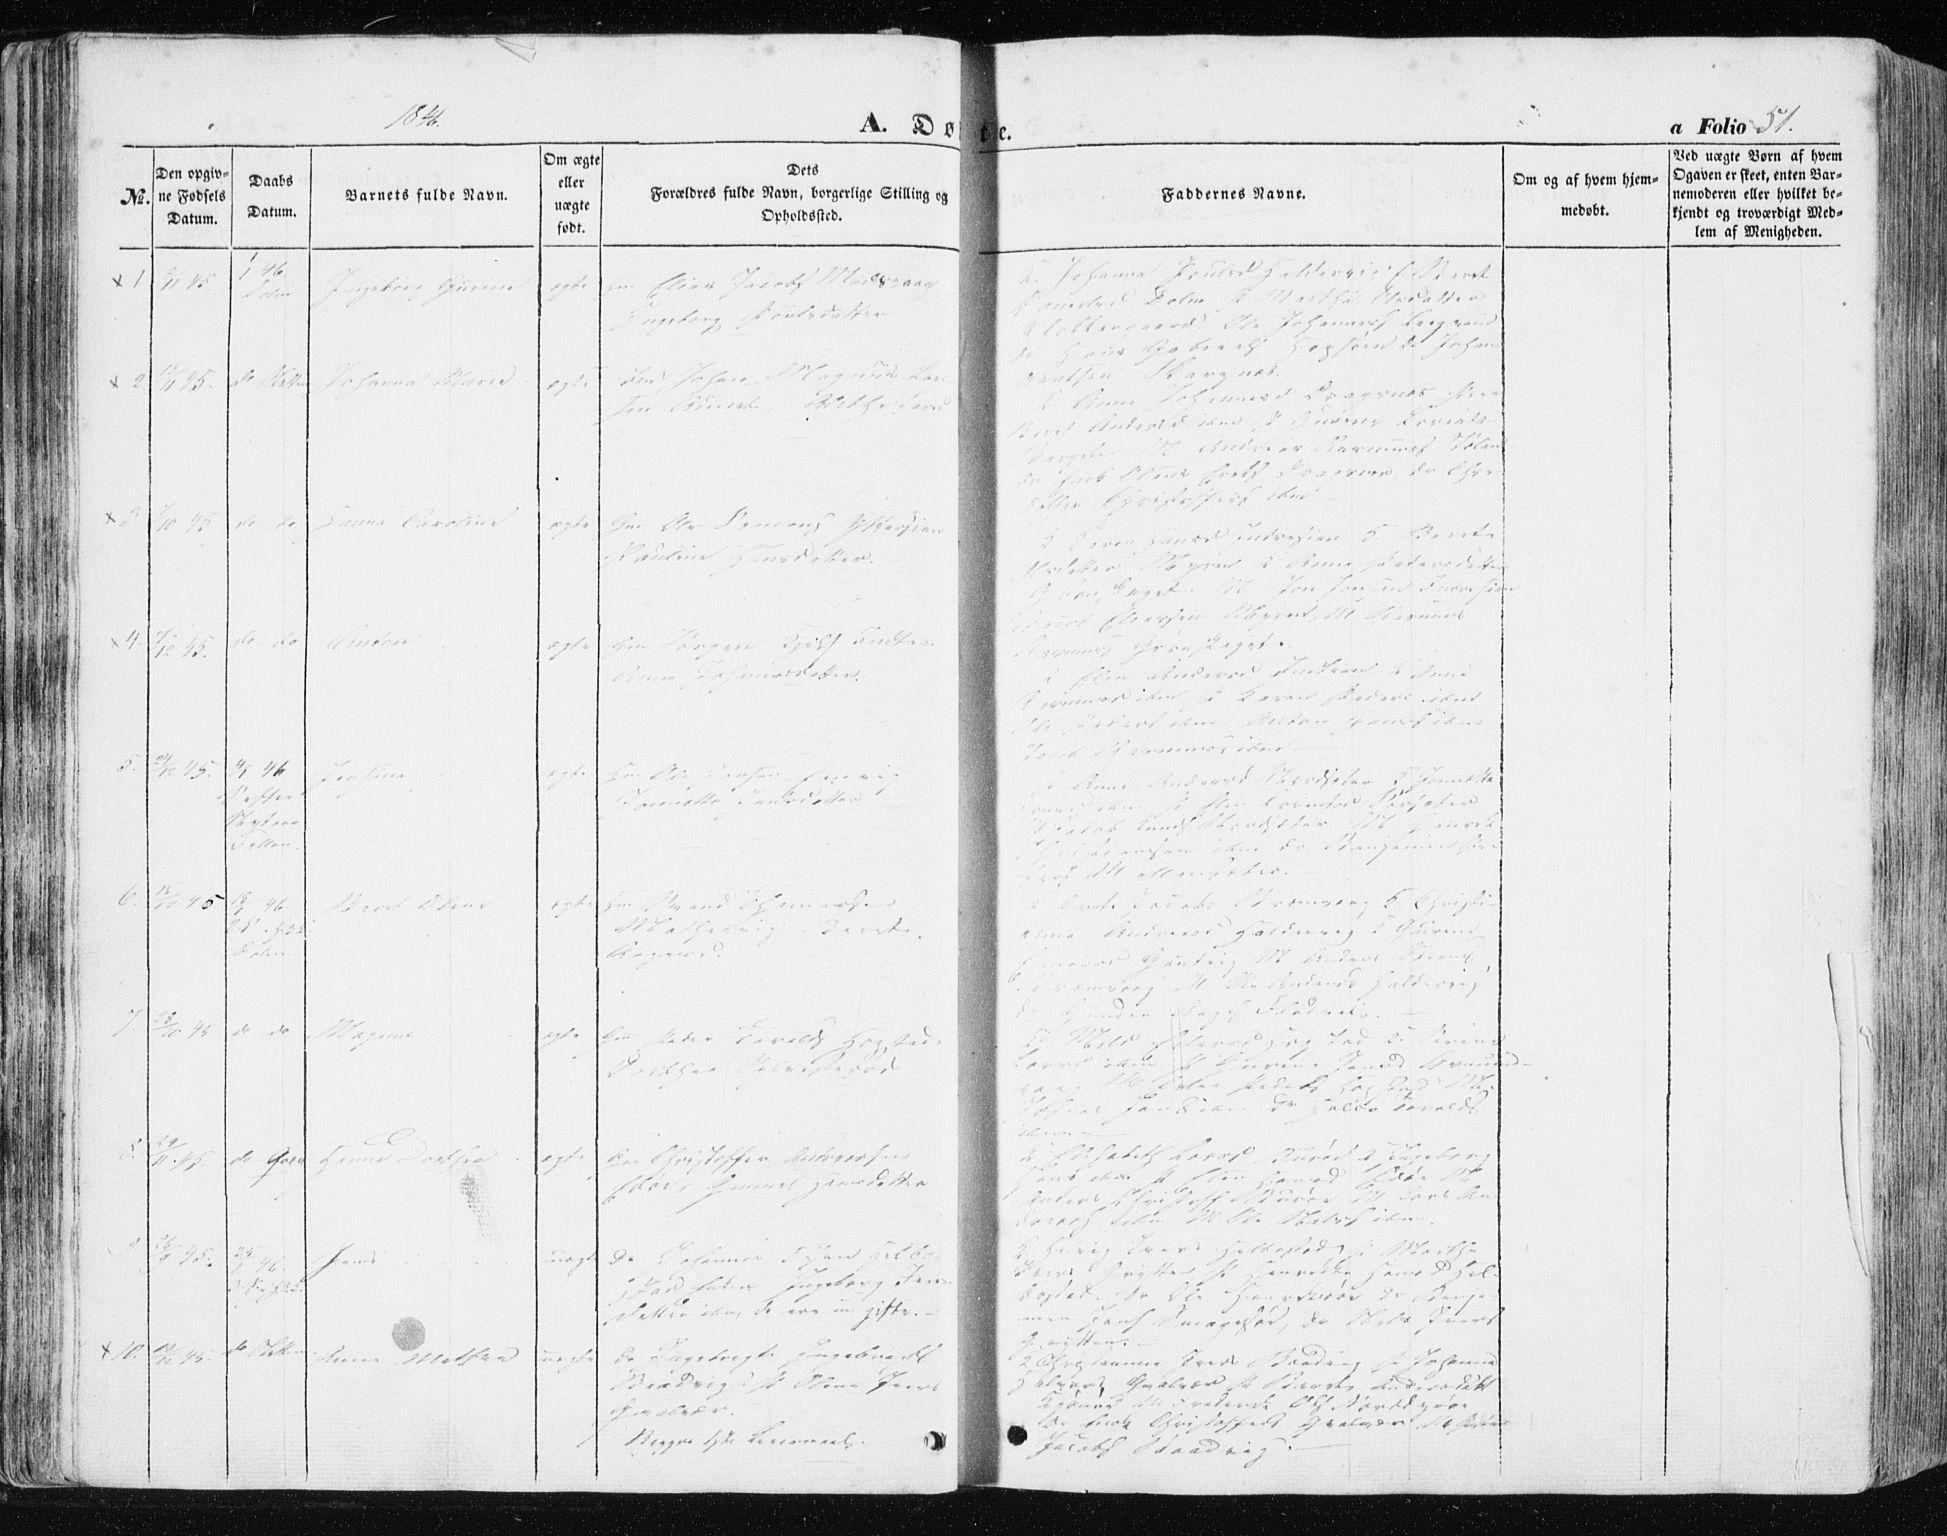 SAT, Ministerialprotokoller, klokkerbøker og fødselsregistre - Sør-Trøndelag, 634/L0529: Ministerialbok nr. 634A05, 1843-1851, s. 51